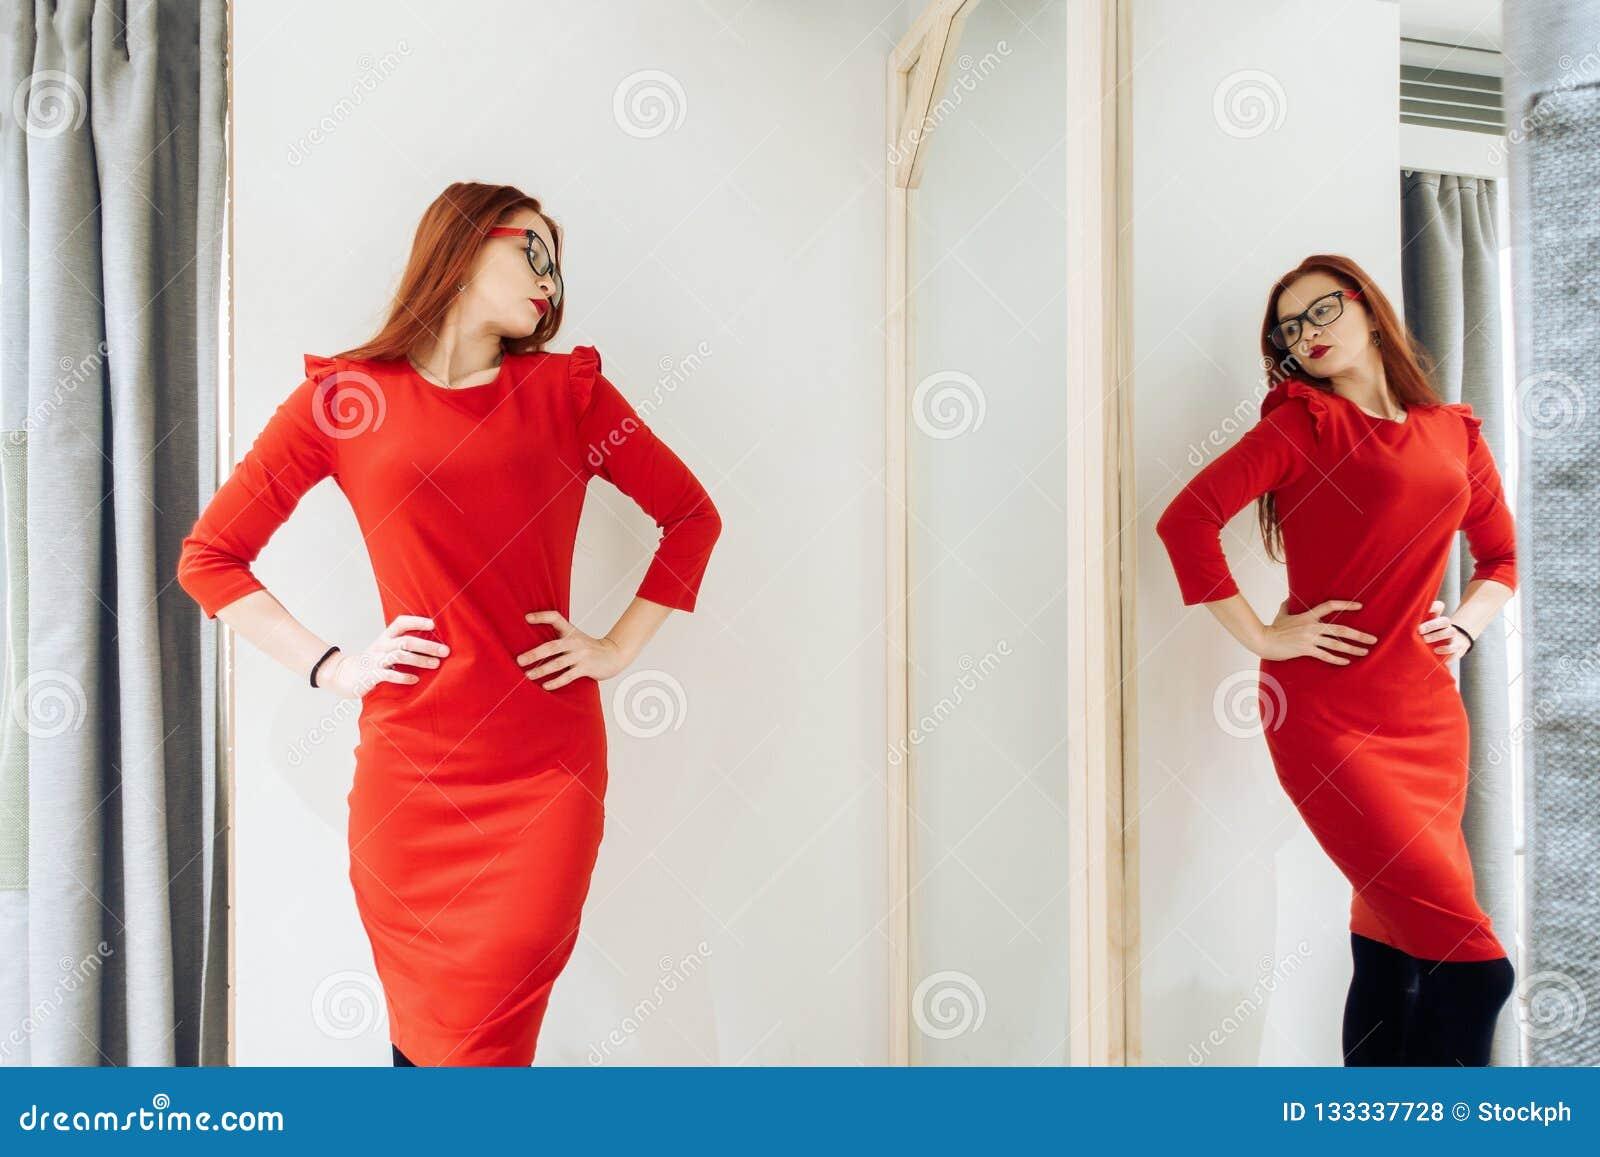 Donna graziosa che prova sui vestiti in un negozio adatto la signora in rosso si veste è riflessa nello specchio